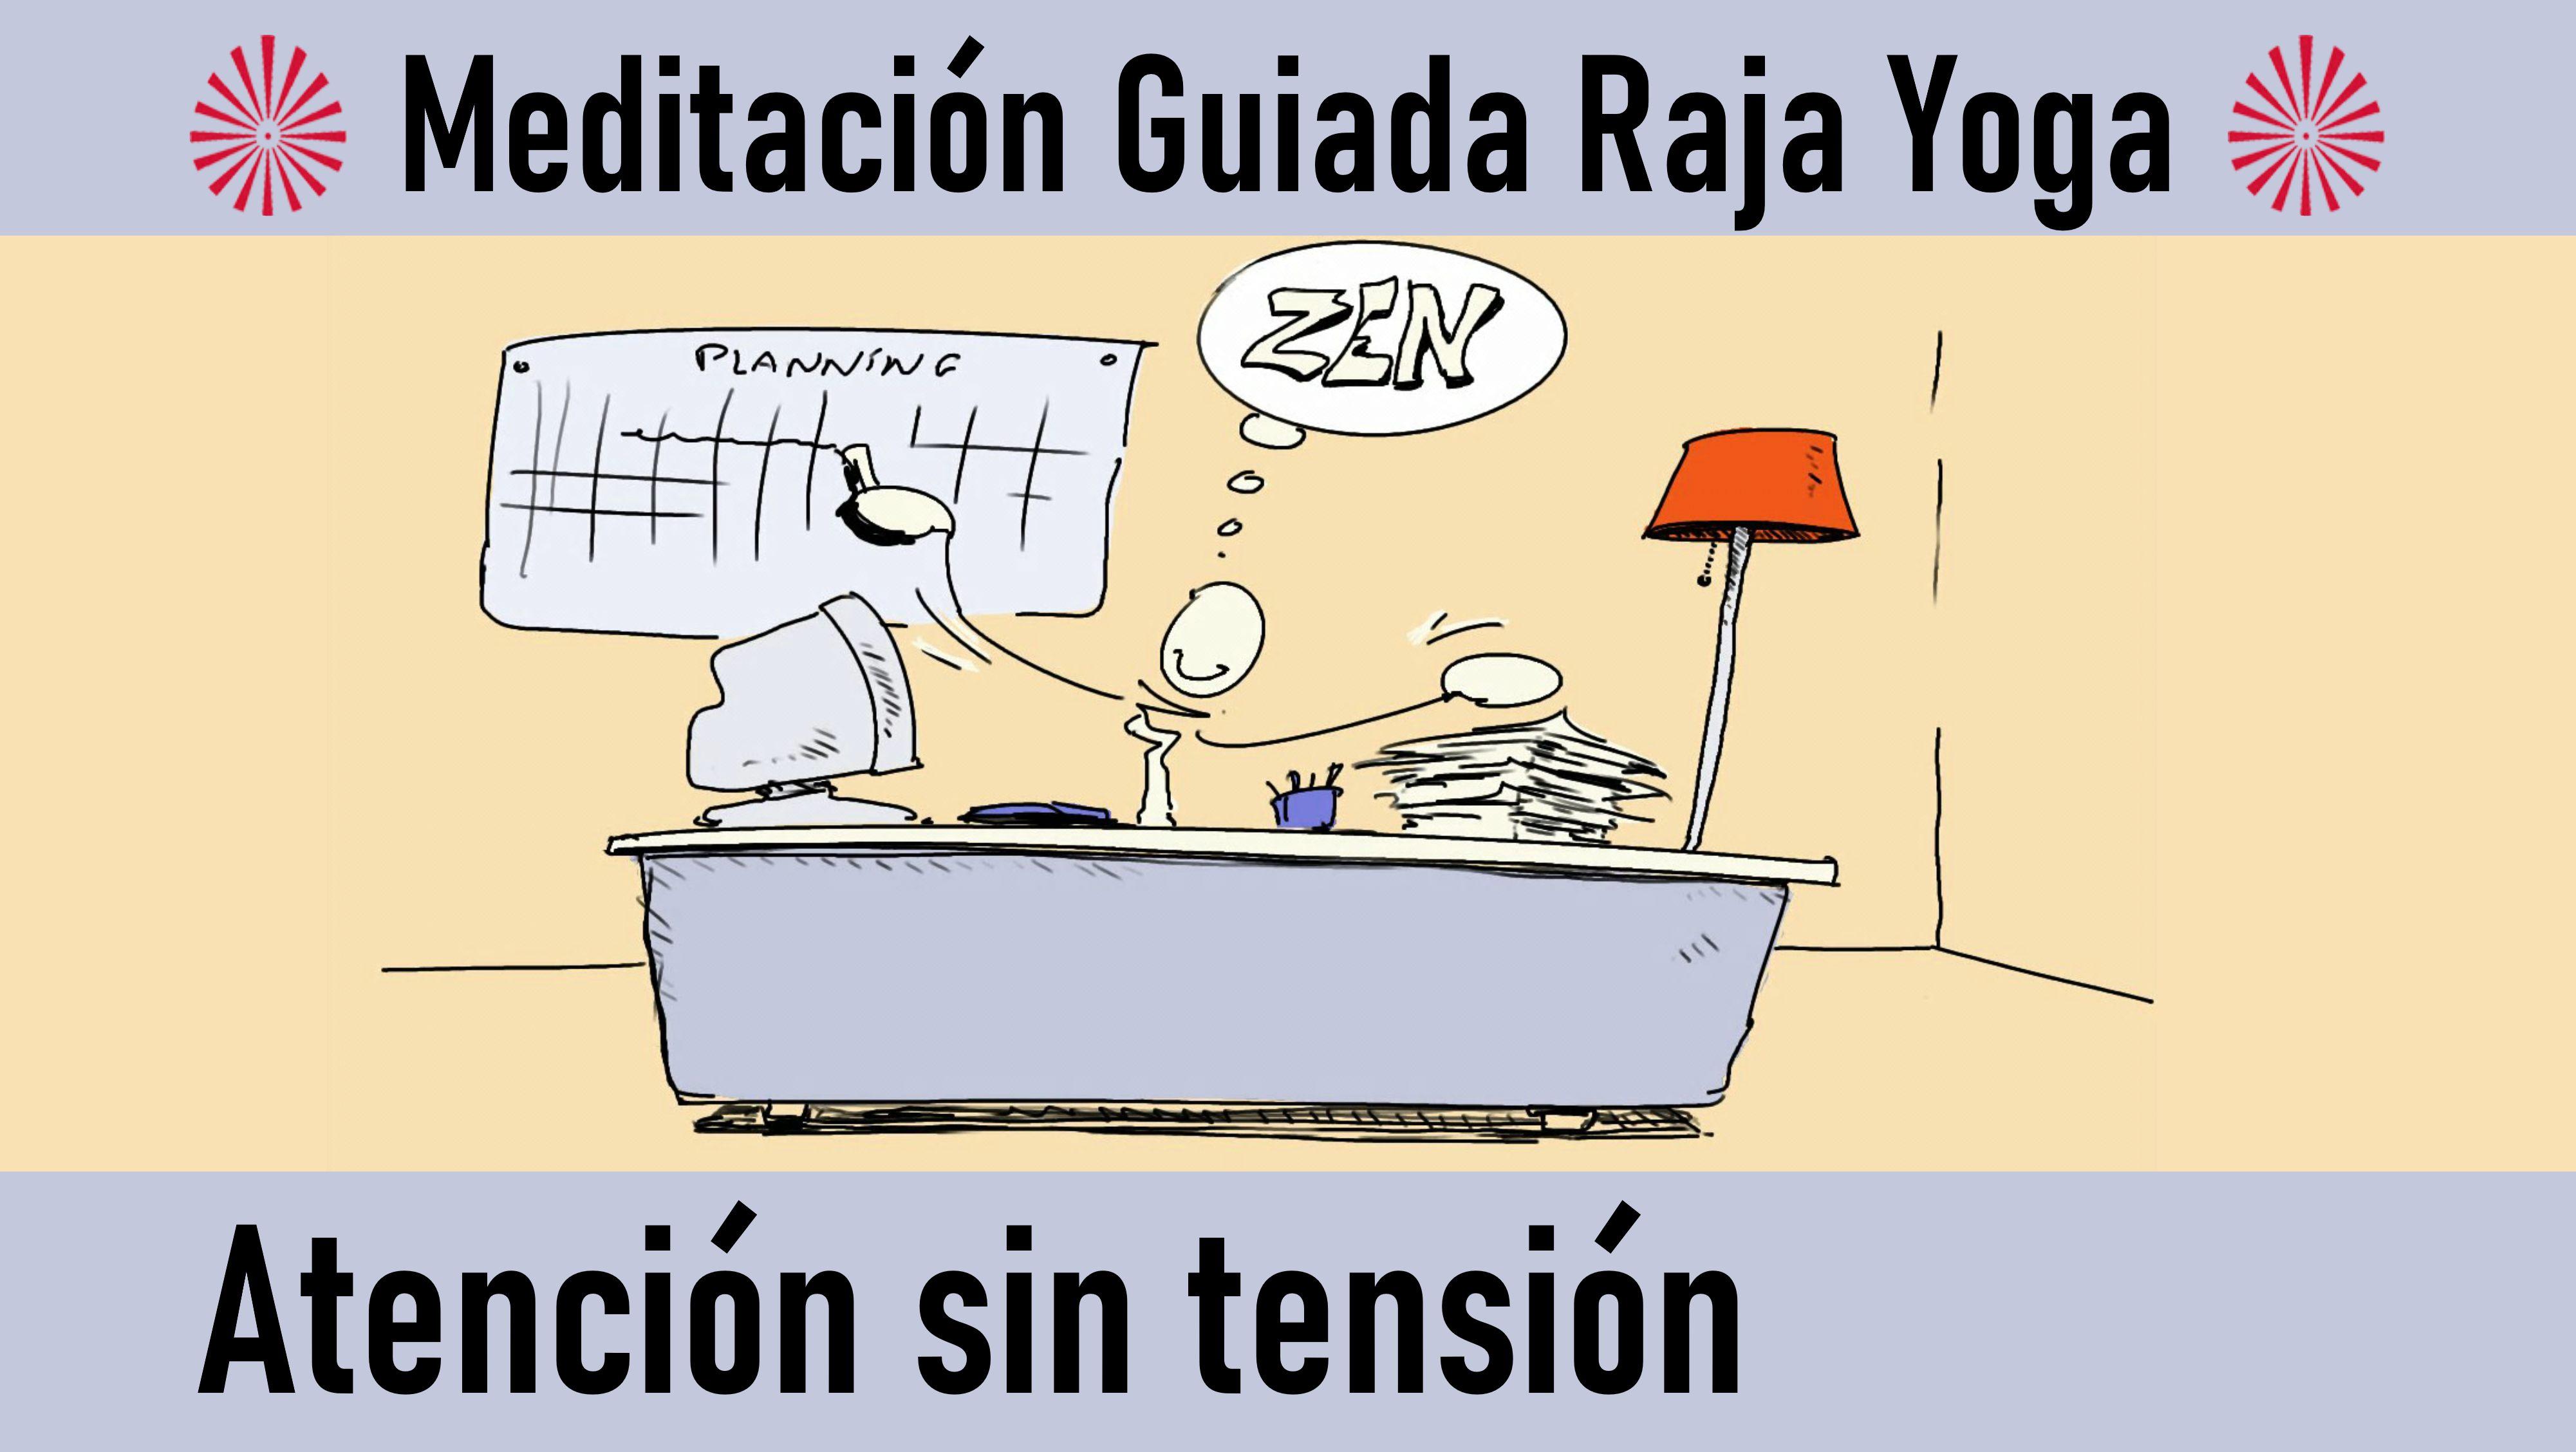 Meditación Raja Yoga: Atención sin tensión (10 Septiembre 2020) On-line desde Madrid